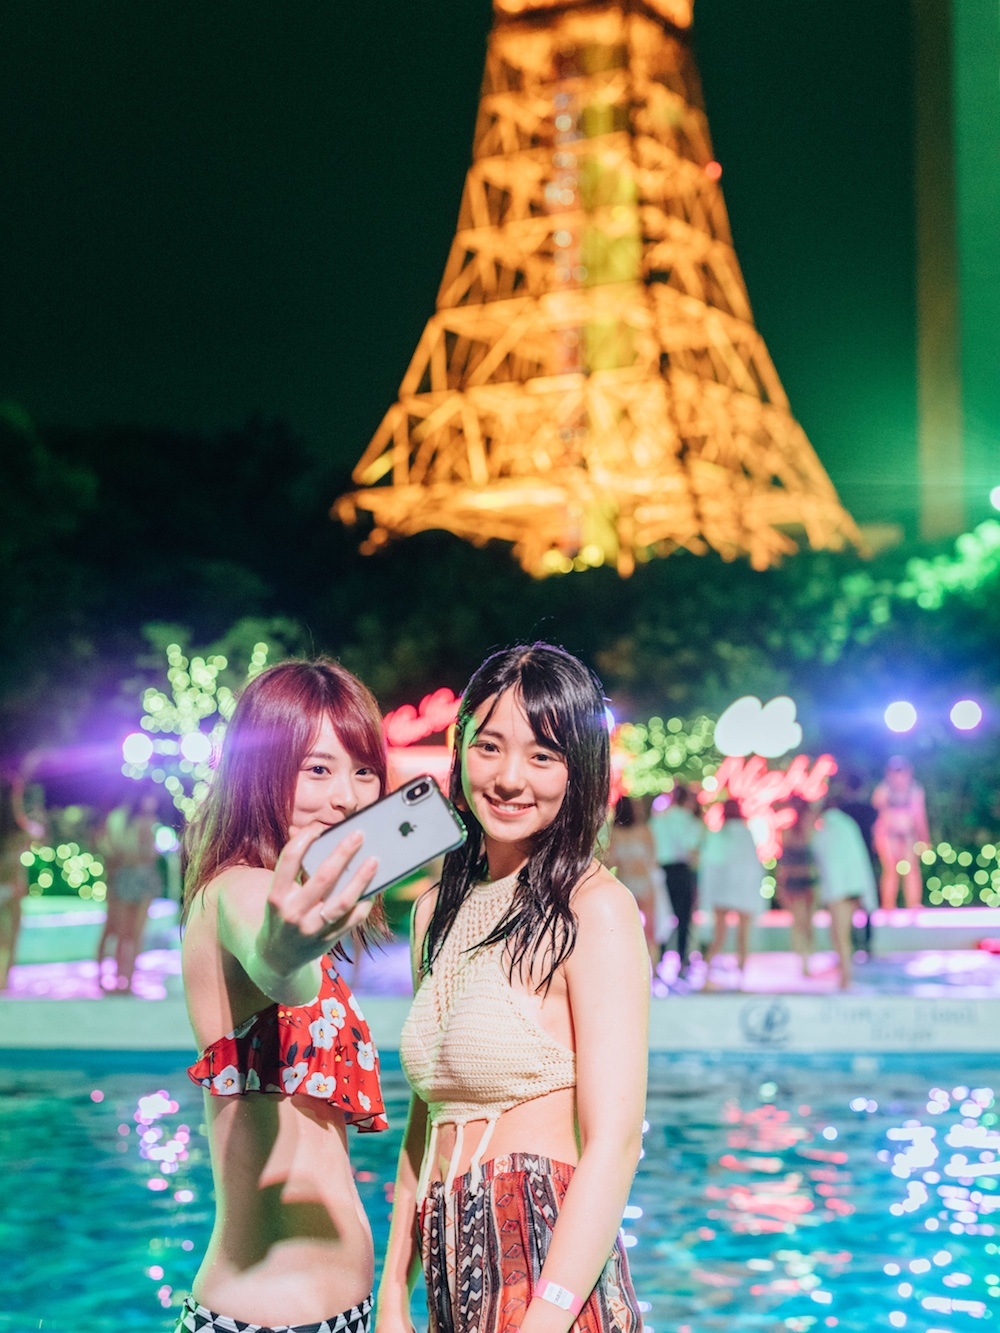 「CanCamナイトプール」にて、東京タワーを背景にセルフィーで撮影する女の子達